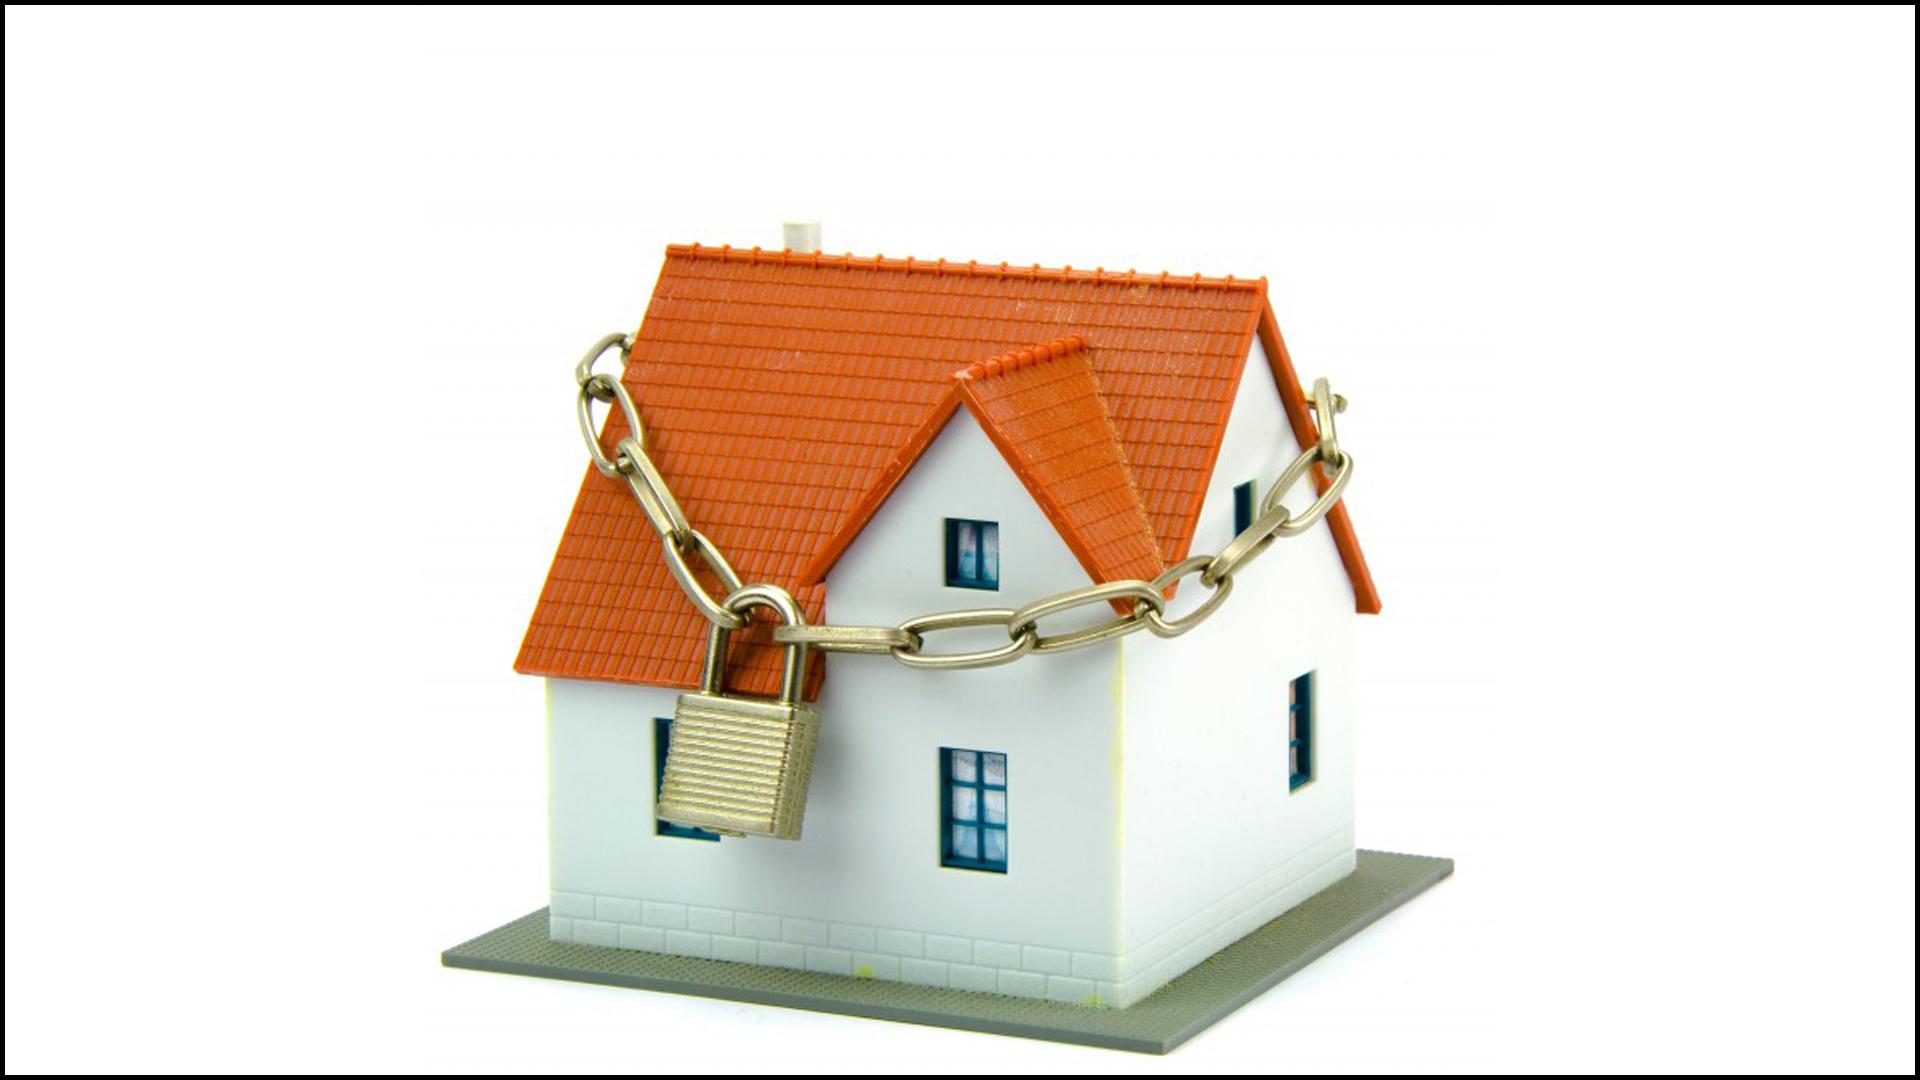 Wir helfen, Ihr Zuhause sicherer zu gestalten